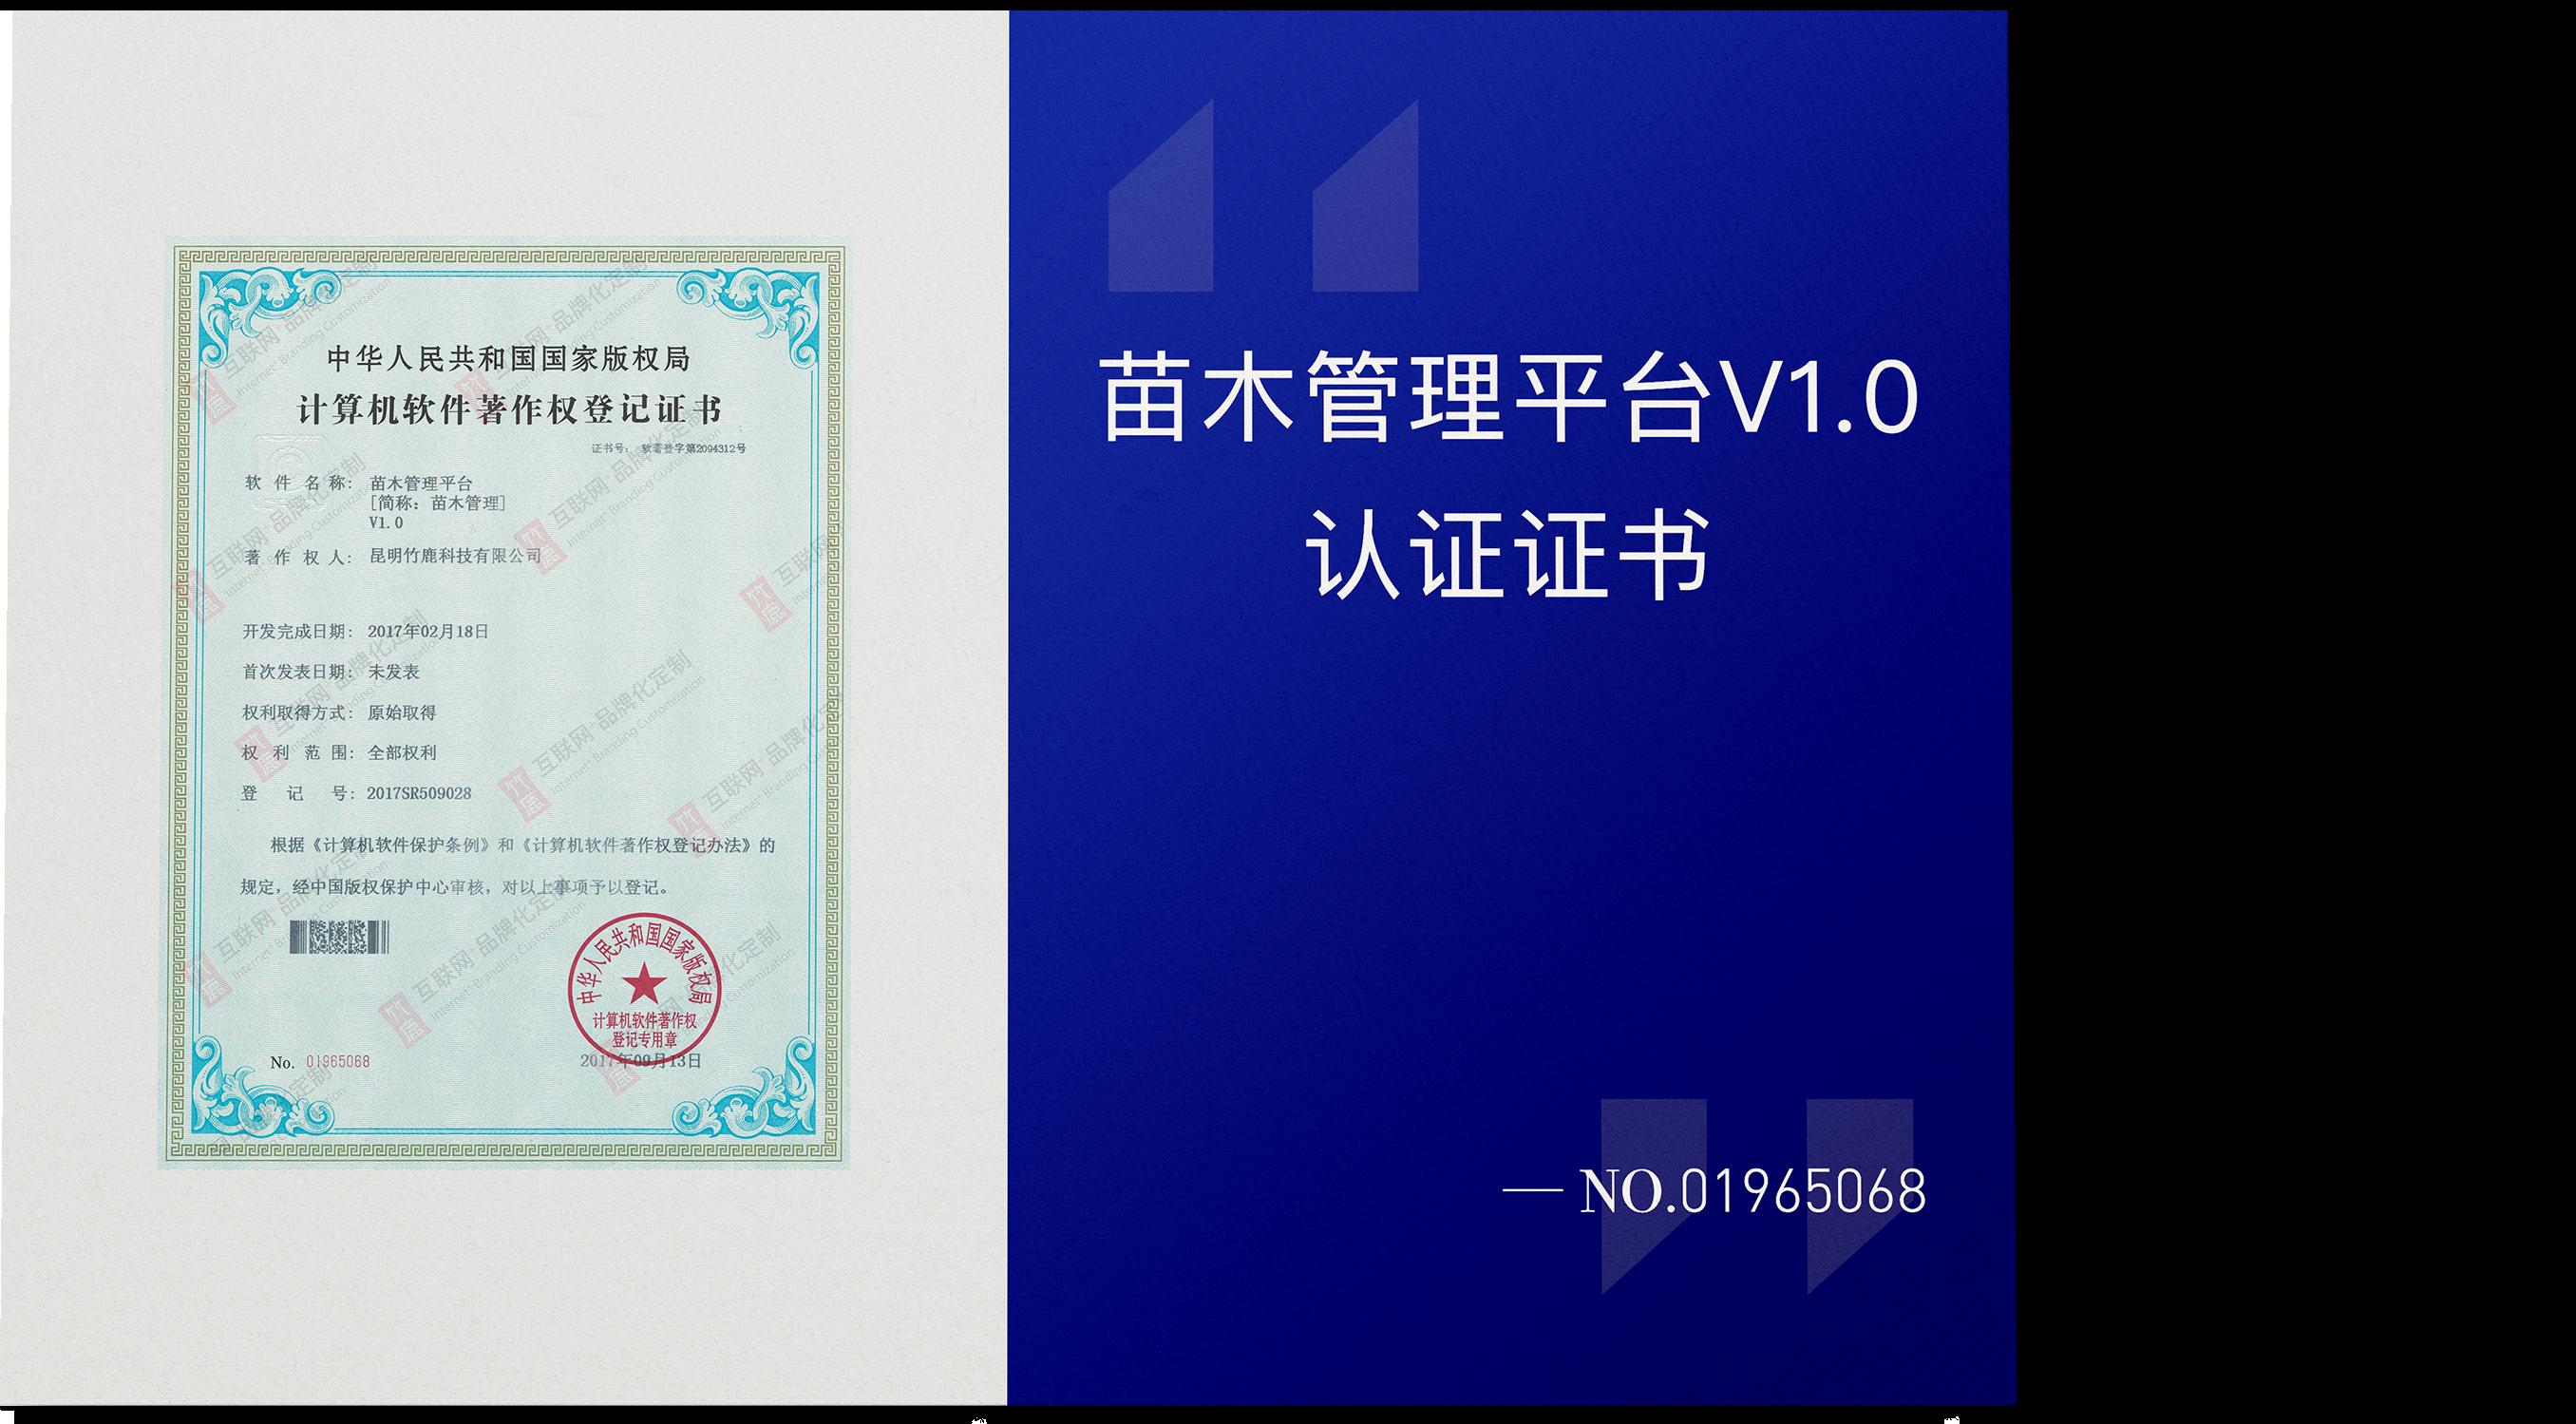 苗木管理平台V1.0